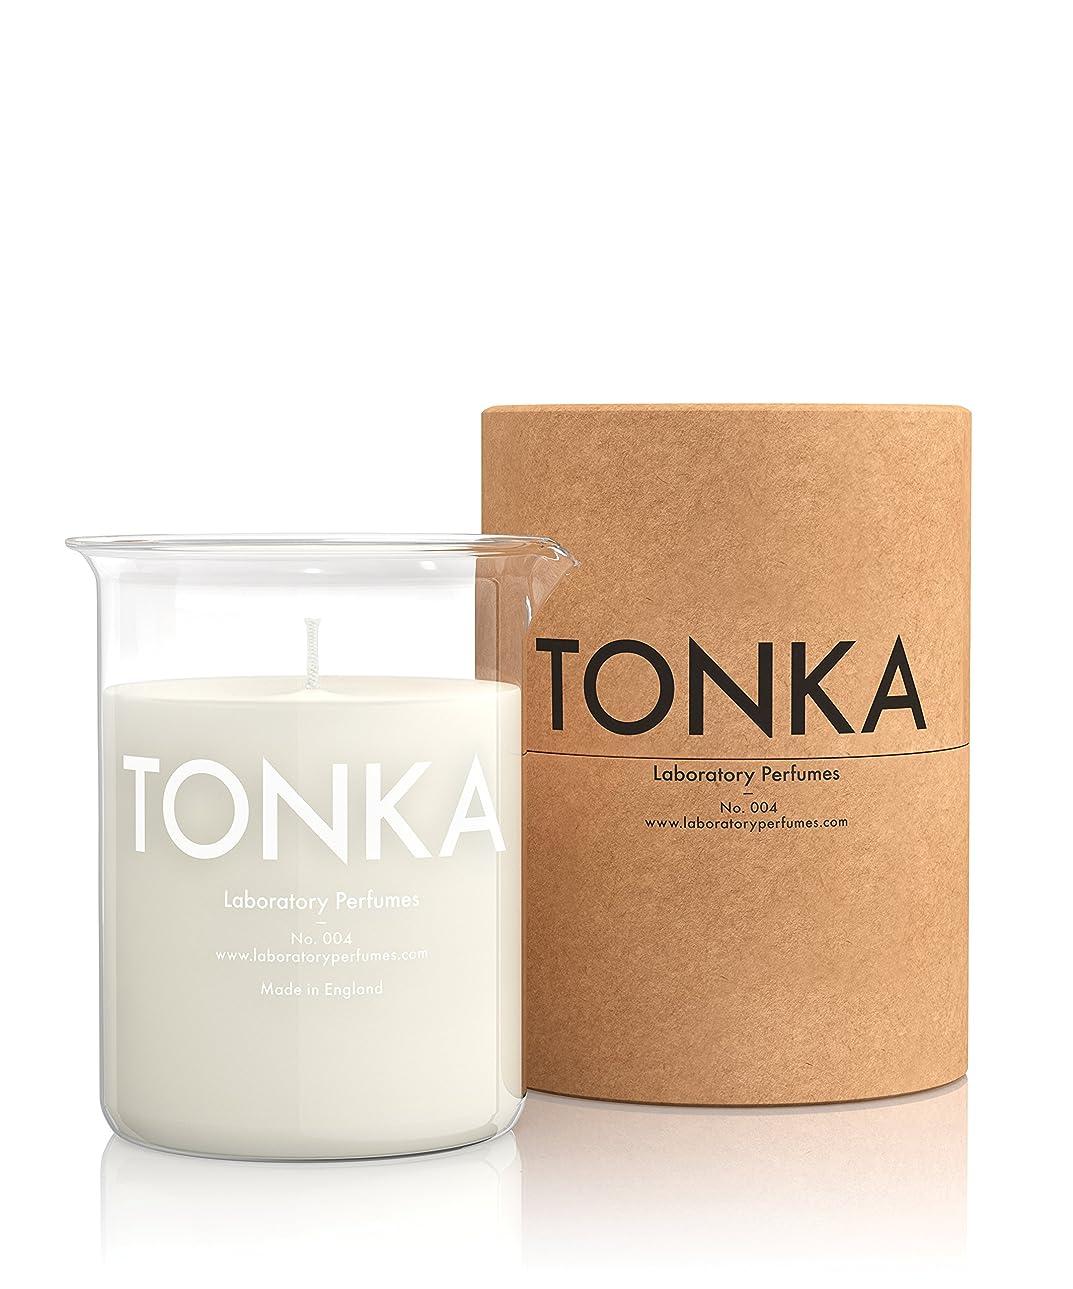 護衛キャリッジプラカードLabortory Perfumes キャンドル トンカ Tonka (アロマティックオリエンタル Aromatic Oriental) Candle ラボラトリー パフューム